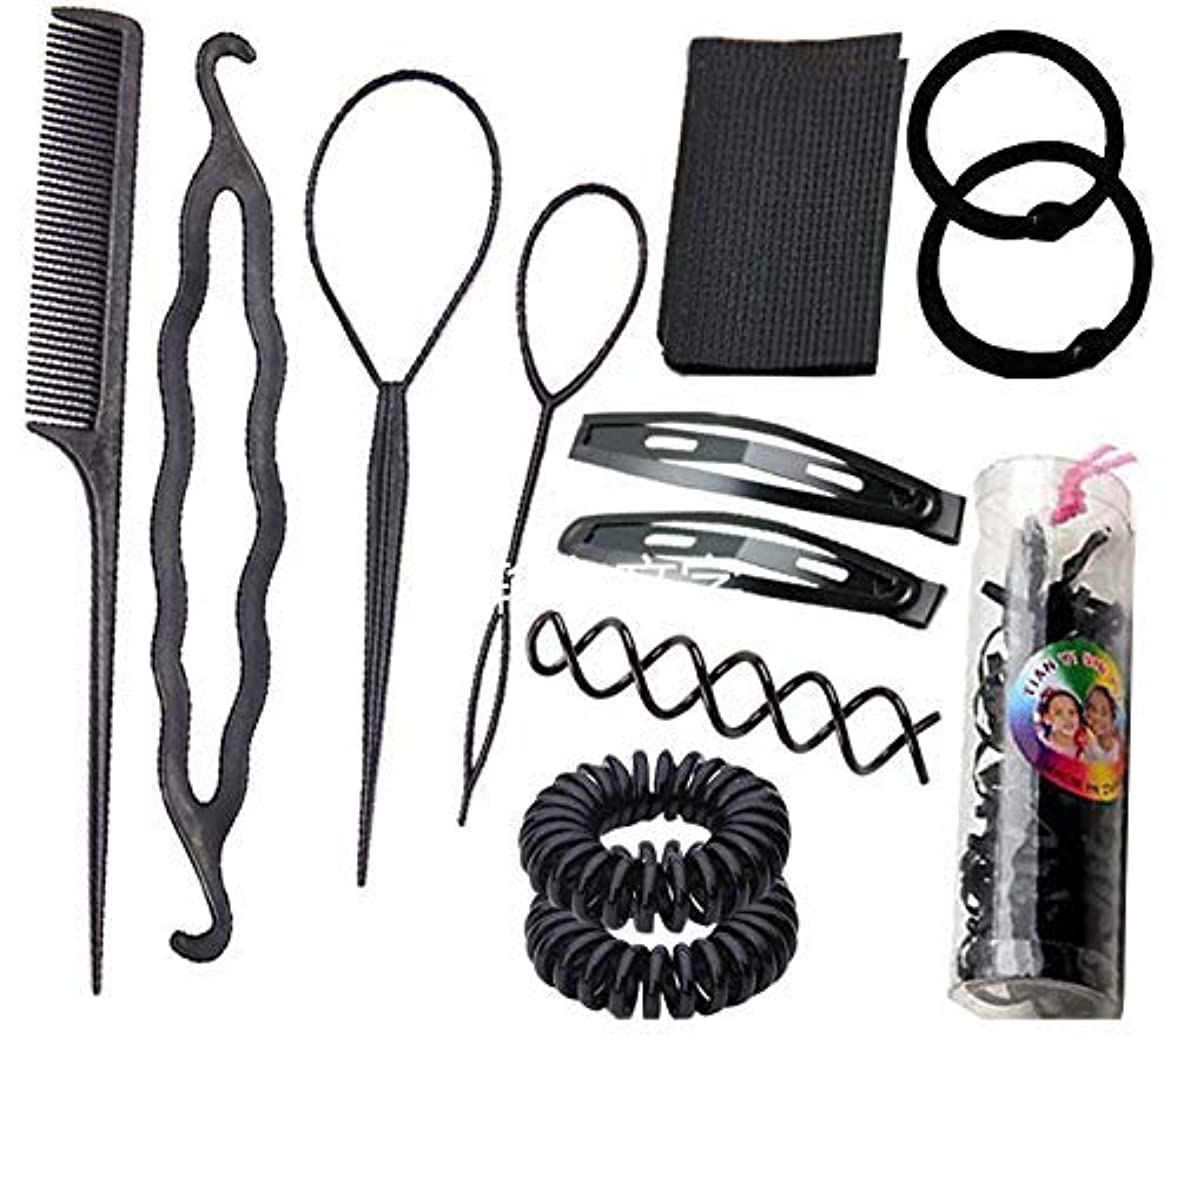 リンク被る敬意を表する1 Set Black 13 in 1 Hair Style Making Accessories Kits Hair Comb Metal Hairpins Hair Tools Hair Ropes Fringes...